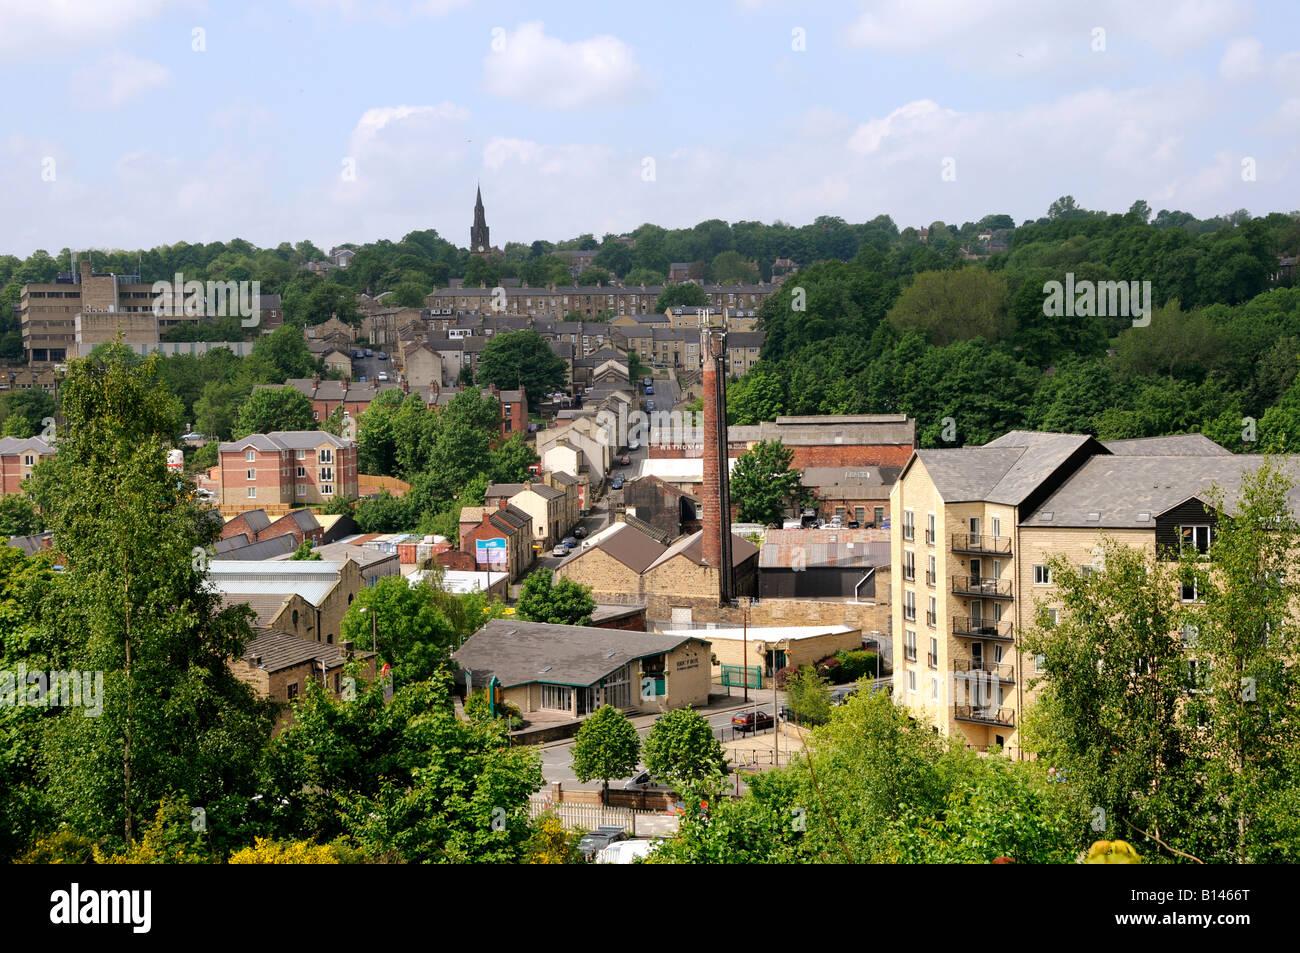 A panorama of Dewsbury from Crackenedge - Stock Image